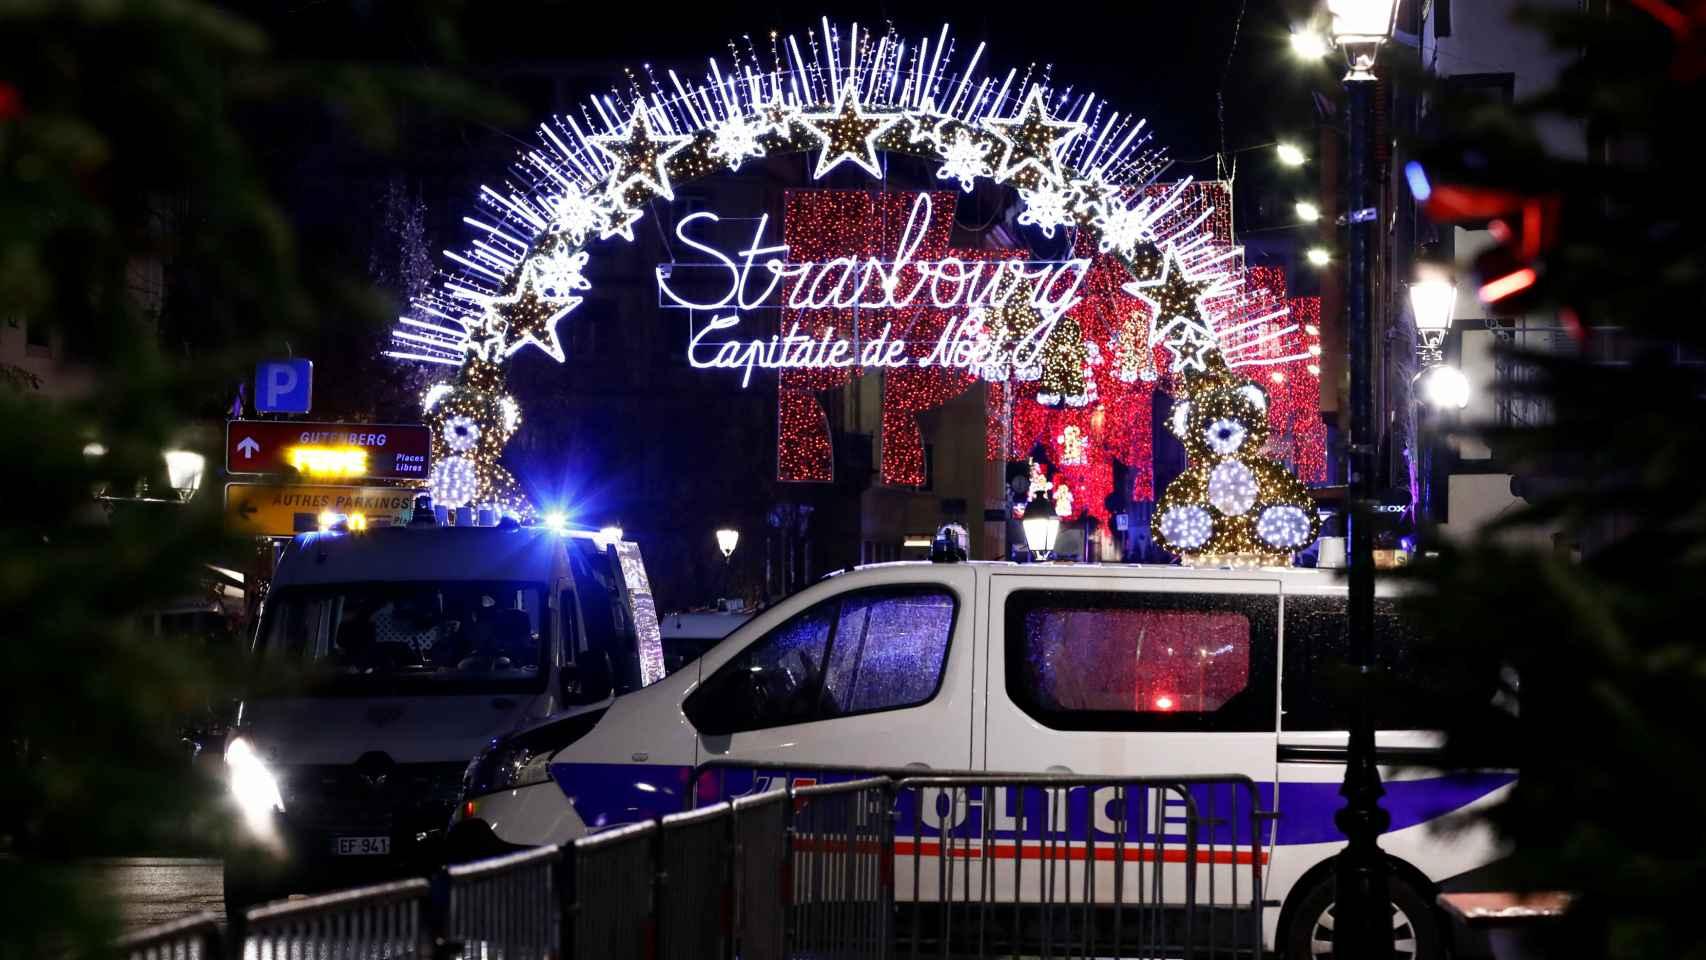 El tiroteo en Estrasburgo, en imágenes